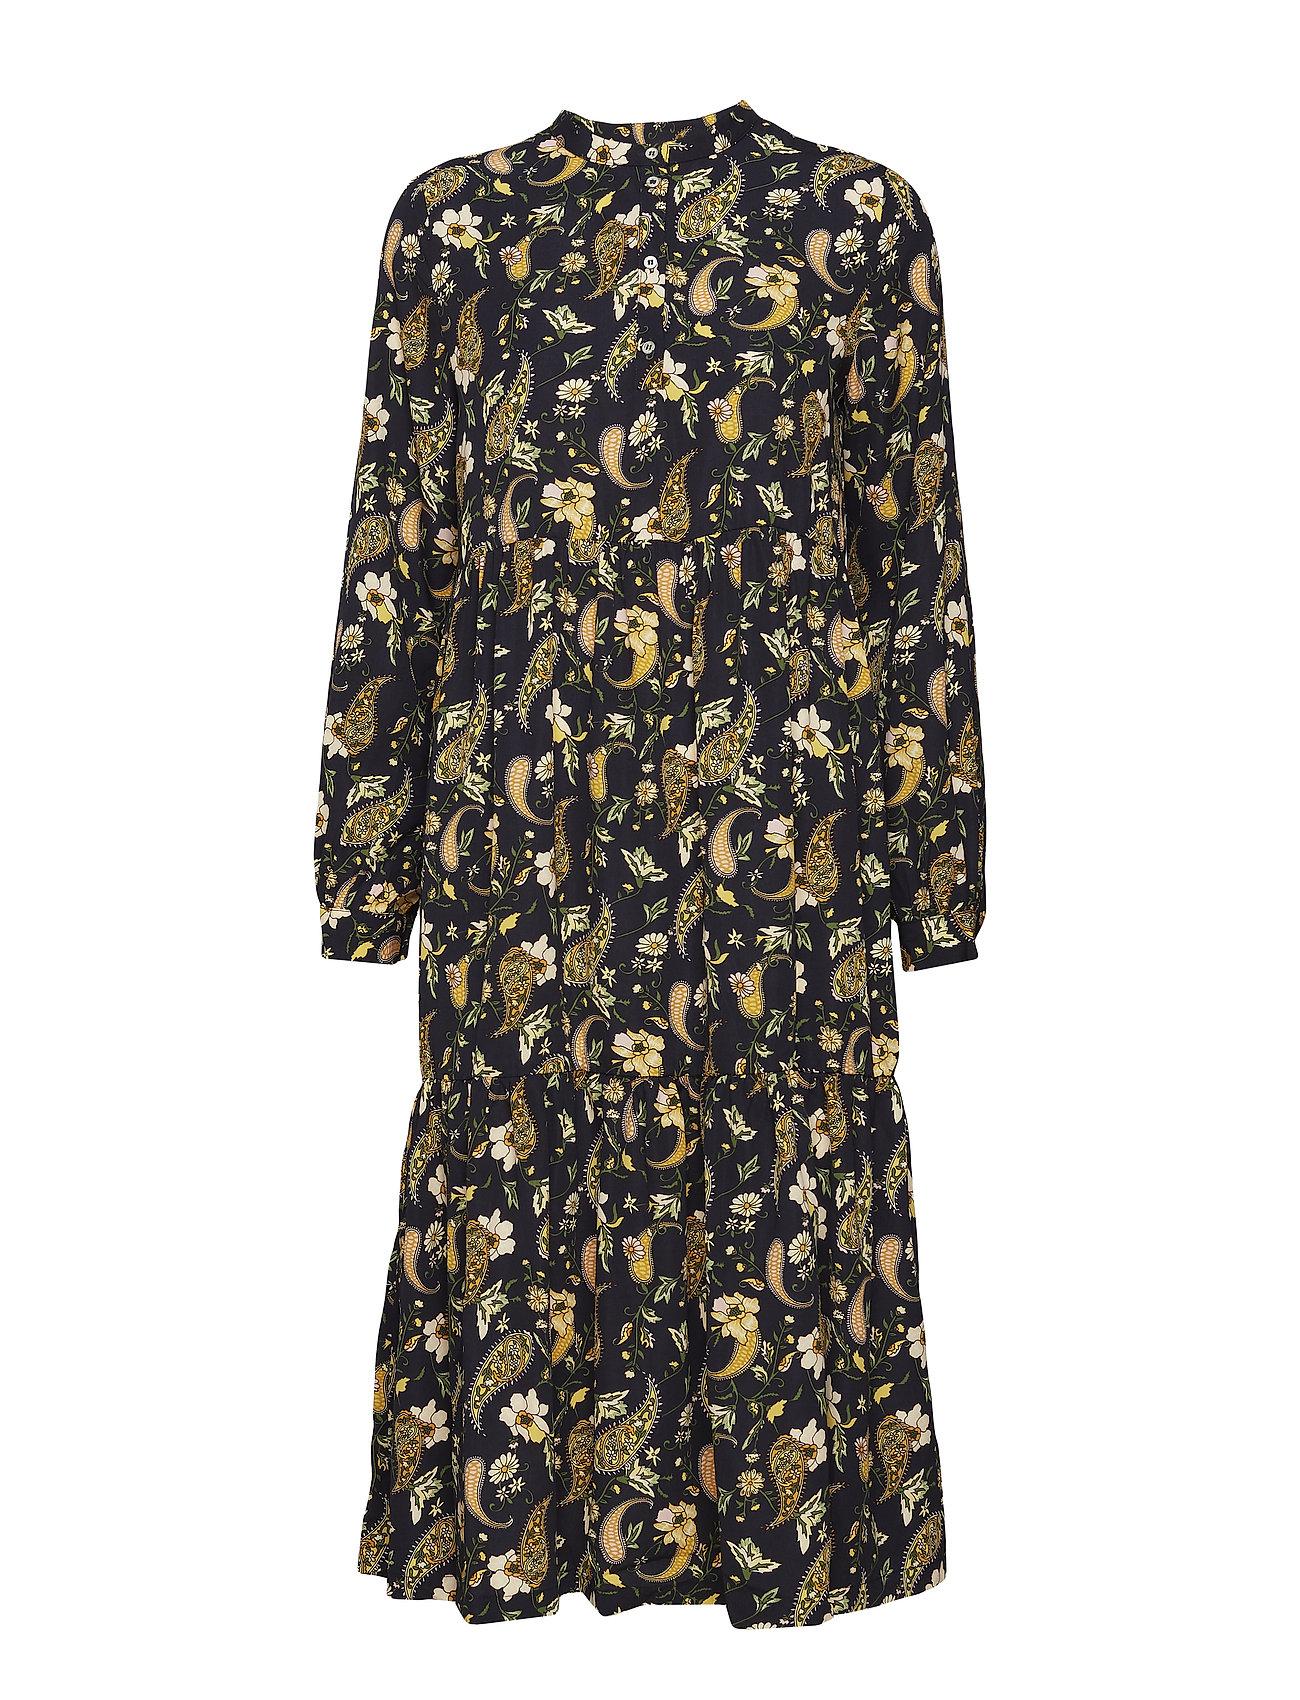 91187962b7a4 Vipaila L s Midi Dress rx (Navy Blazer) (34.99 €) - Vila - Kleider ...